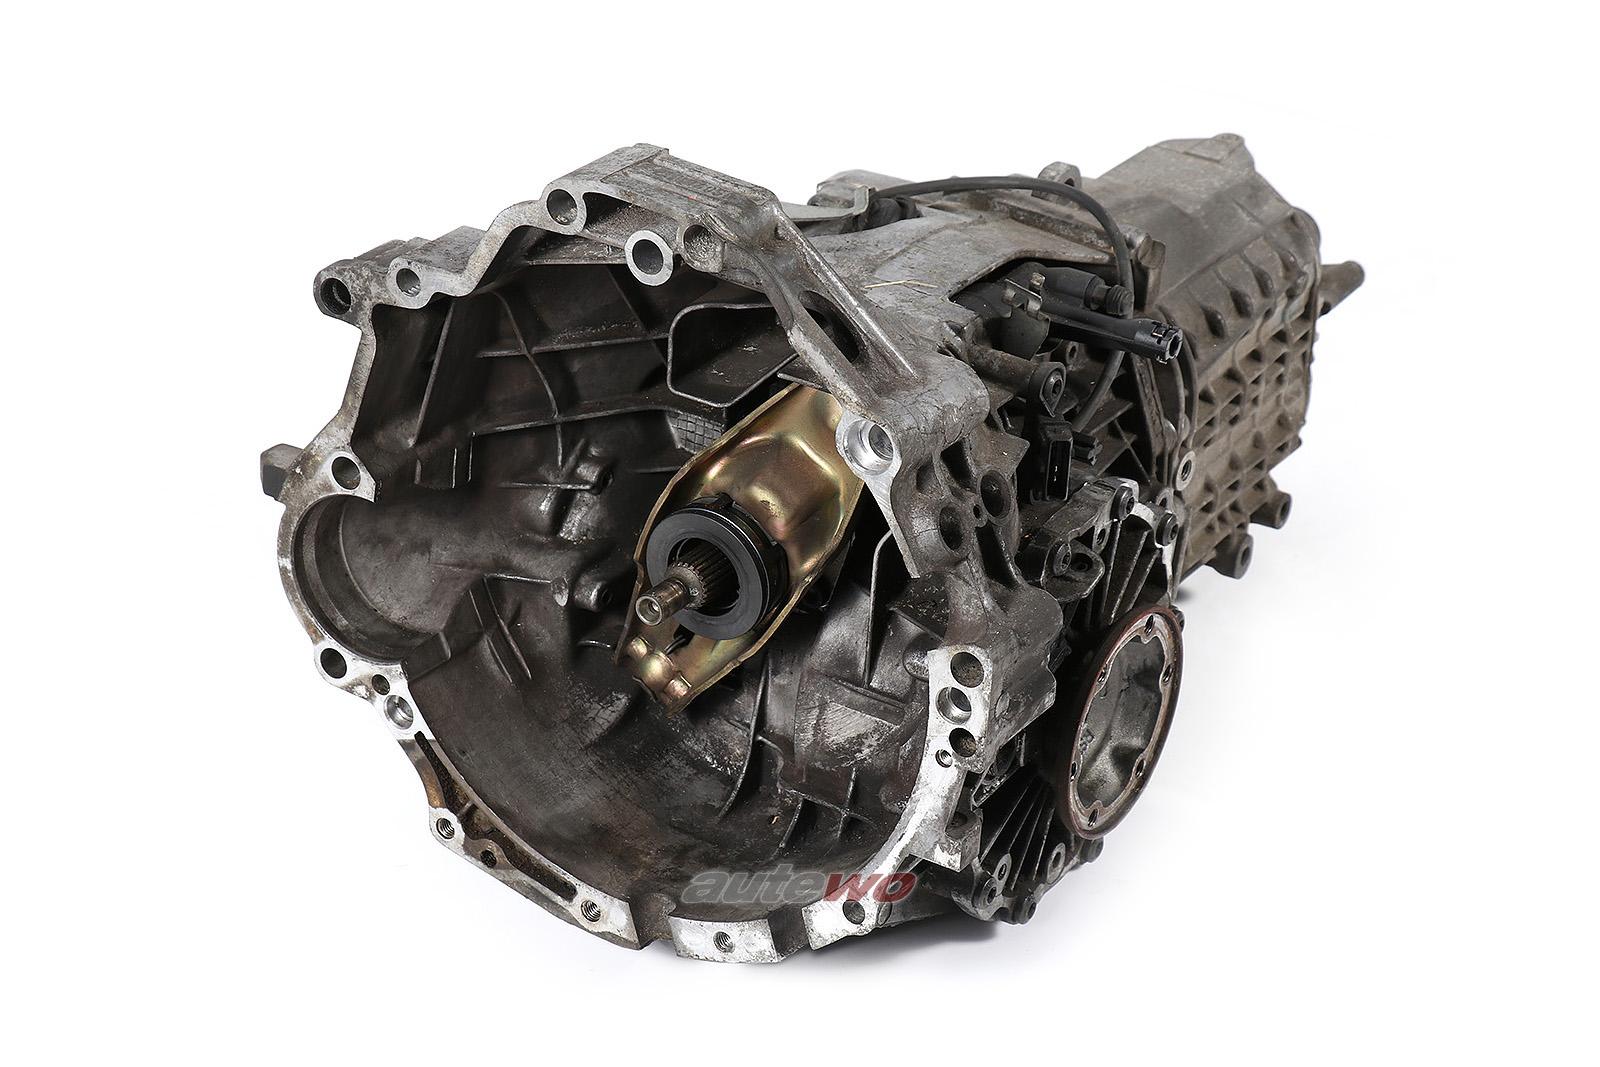 012300058AX Audi/VW A4 B5/A6 4B/Passat 1.8T Schaltgetriebe 5-Gang EHV 04060